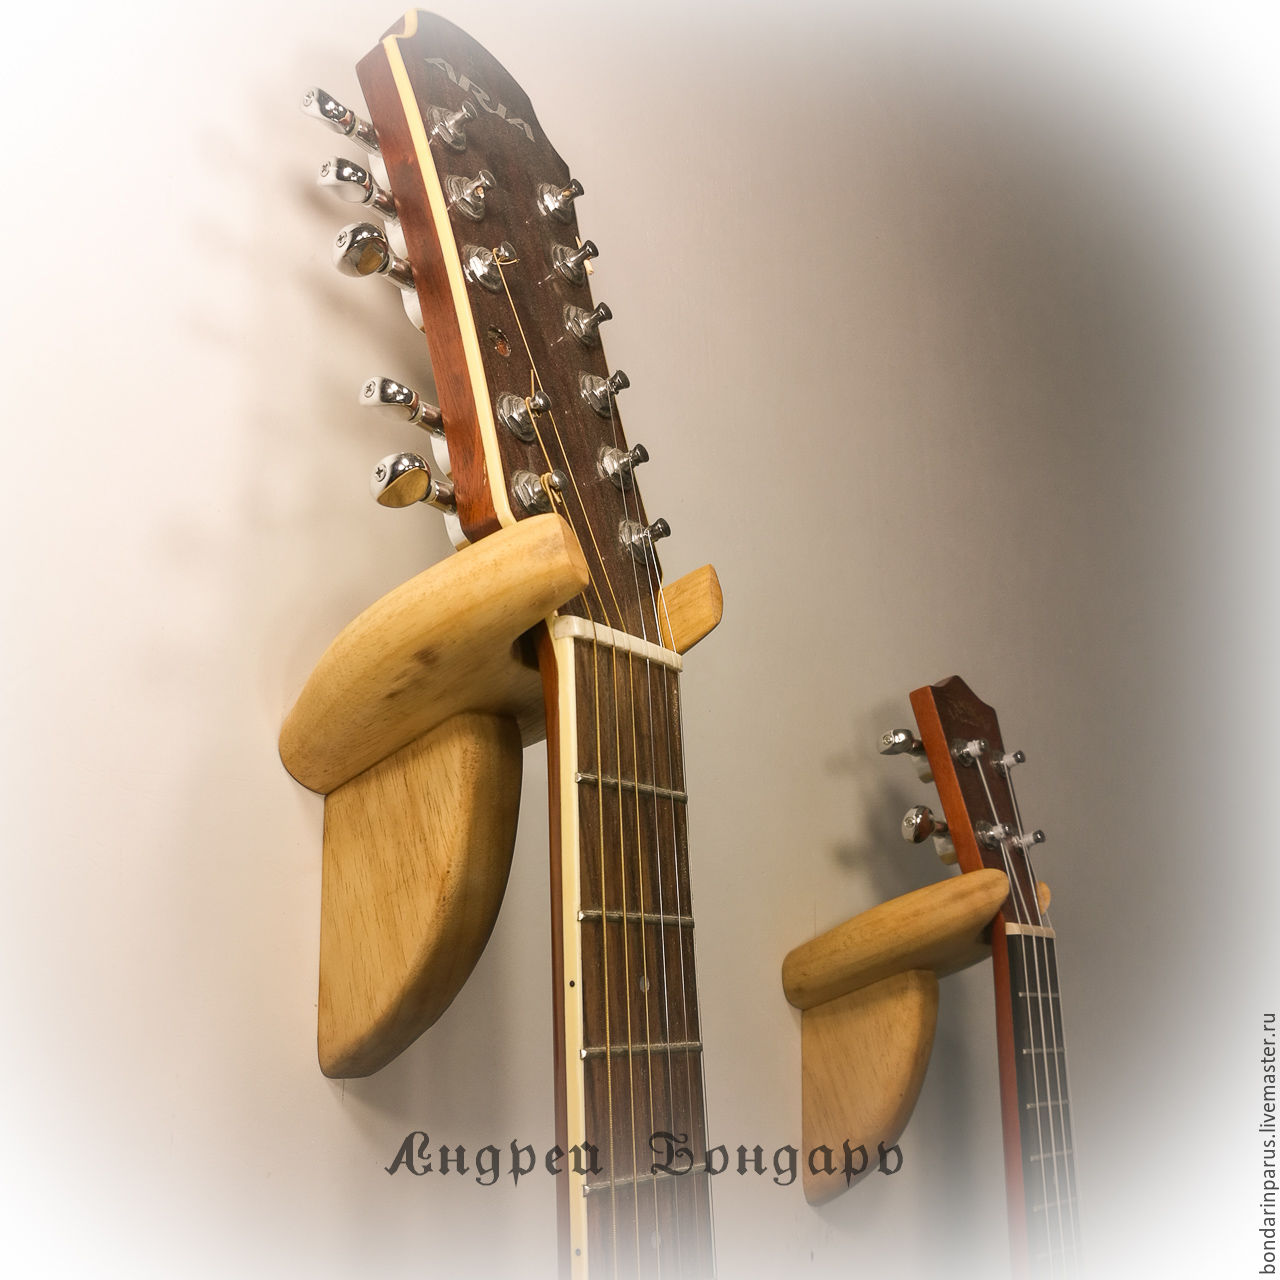 Ремонт гитары своими руками отрвало подставку